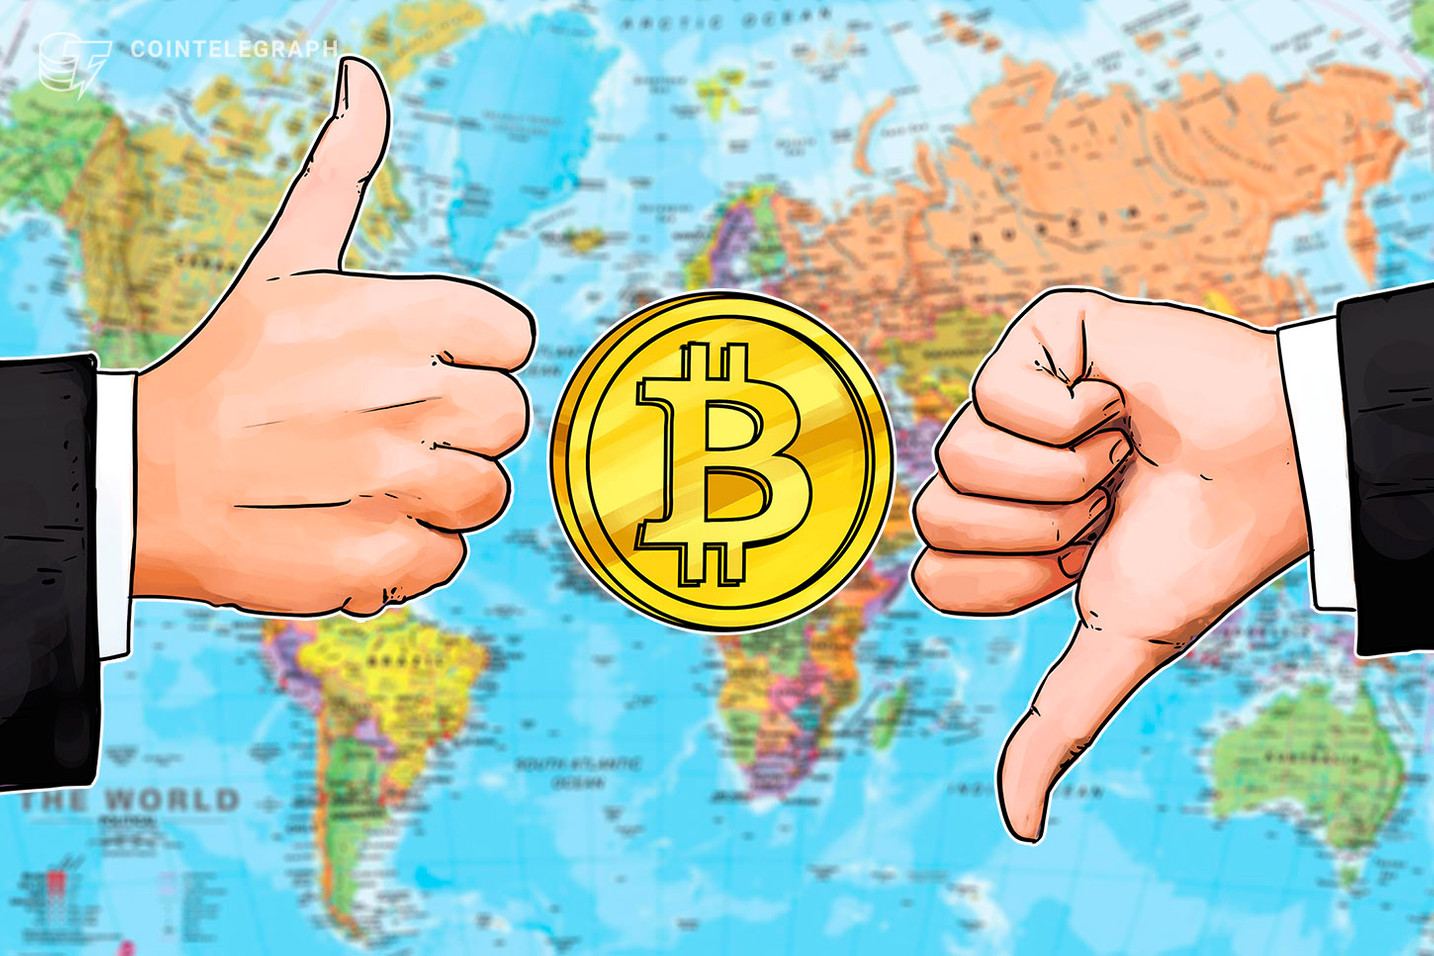 ビットコインは「ディストピアに対するヘッジ手段」 仮想通貨懐疑論者のハーバード大教授